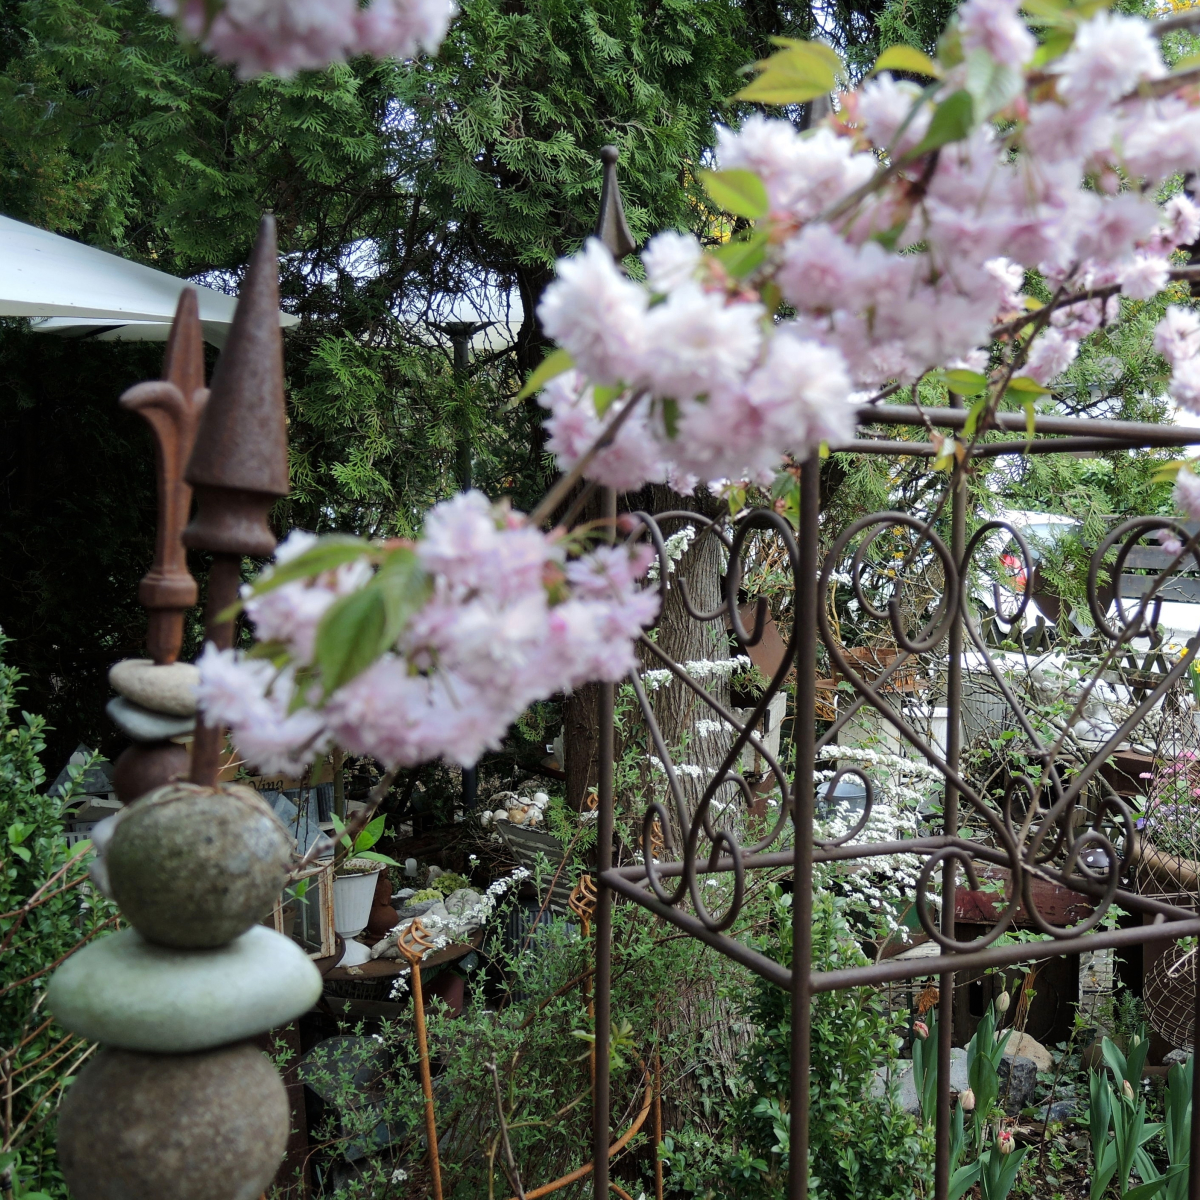 Blumengalerie Isolde Rieser München (1)